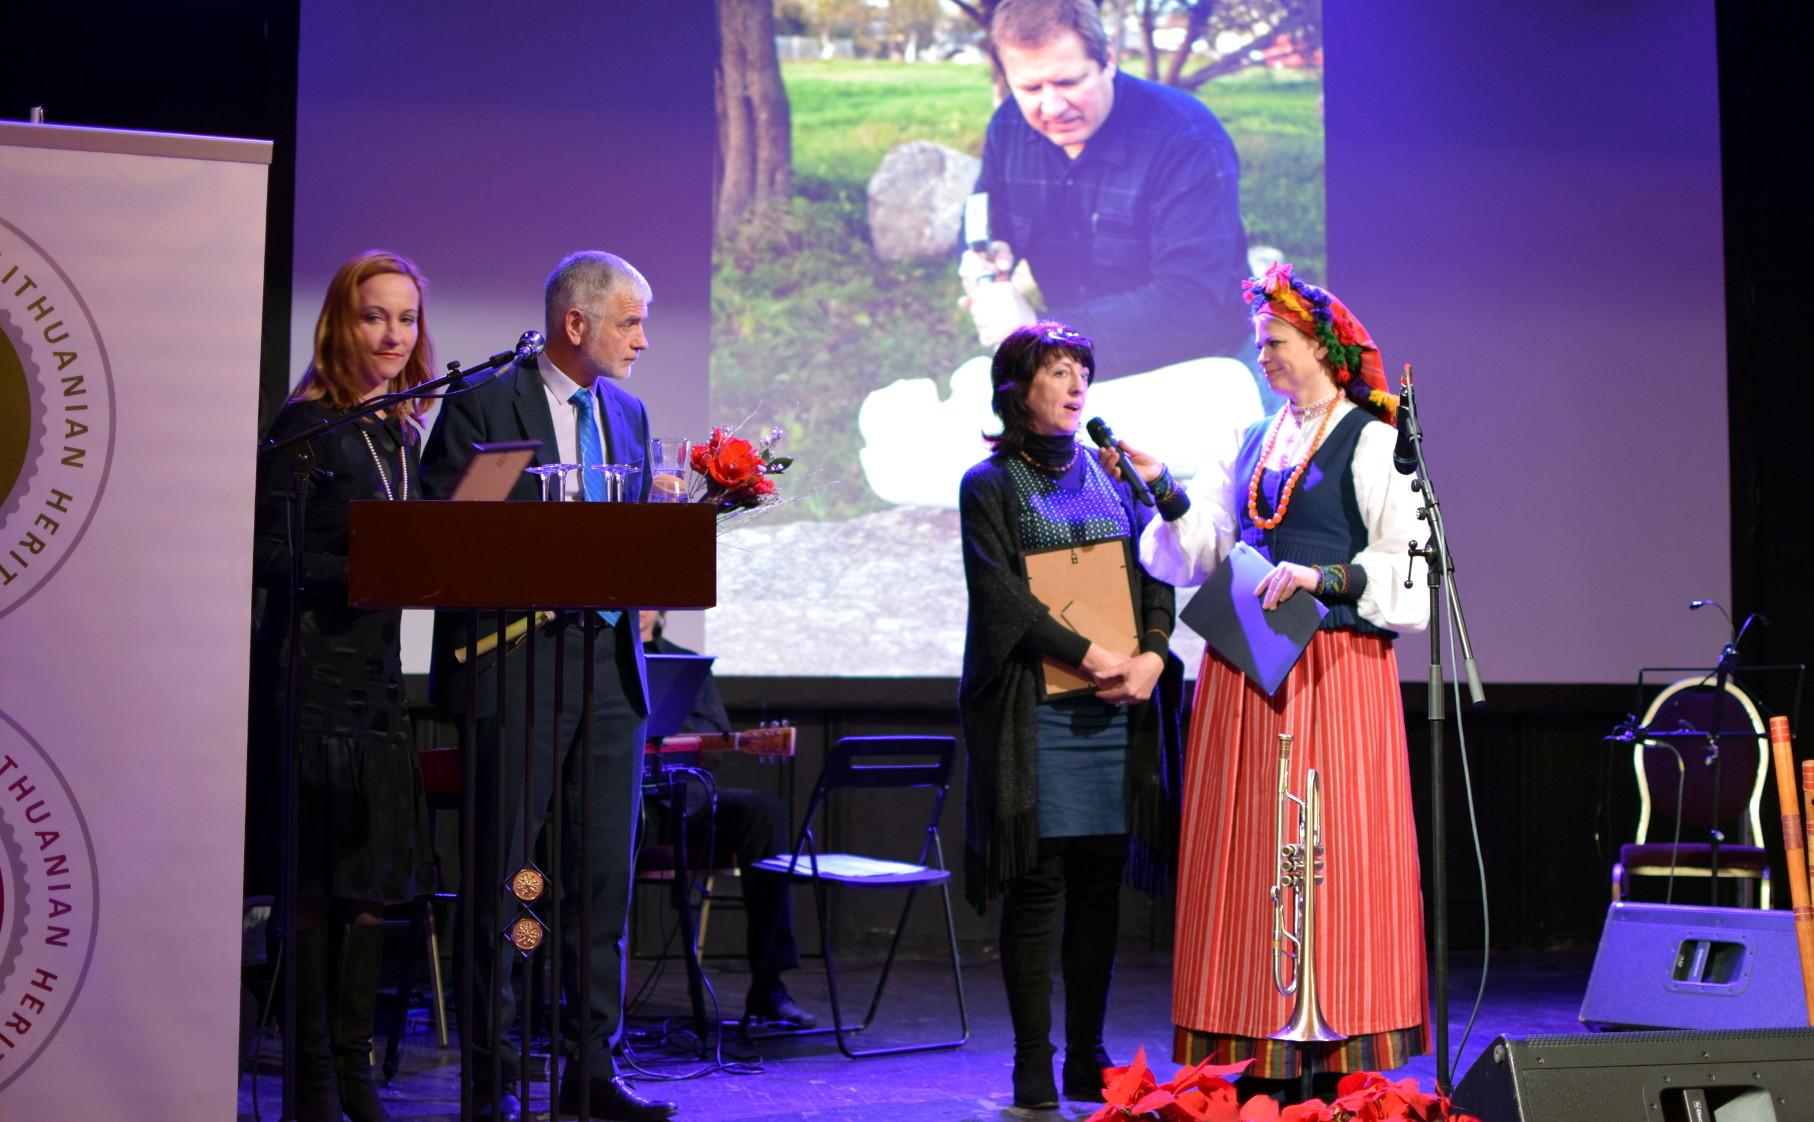 Tradicinių amatų meistrę Ritą Vasiliauskienę sveikina LR Žemės ūkio ministras Bronius Markauskas, Kaimo plėtros departamento direktorė Jurgita Stakėnienė ir renginio vedėja Loreta Mukienė. M. Karčemarsko nuotr.